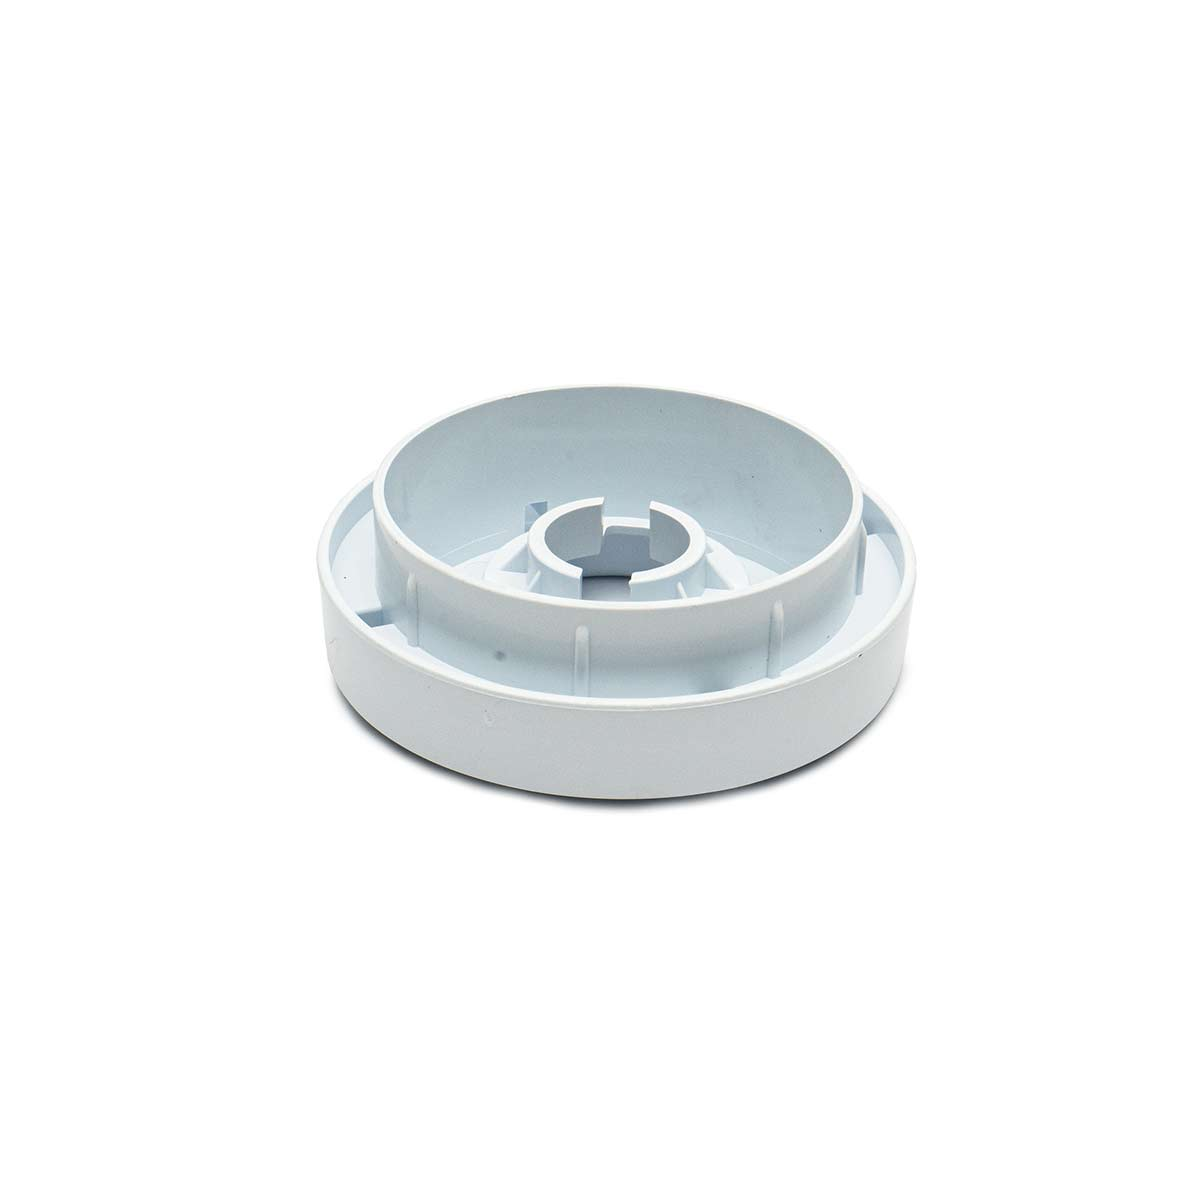 Suporte da tampa para o filtro da Lavadora Automática Colormaq 12kg e 15kg